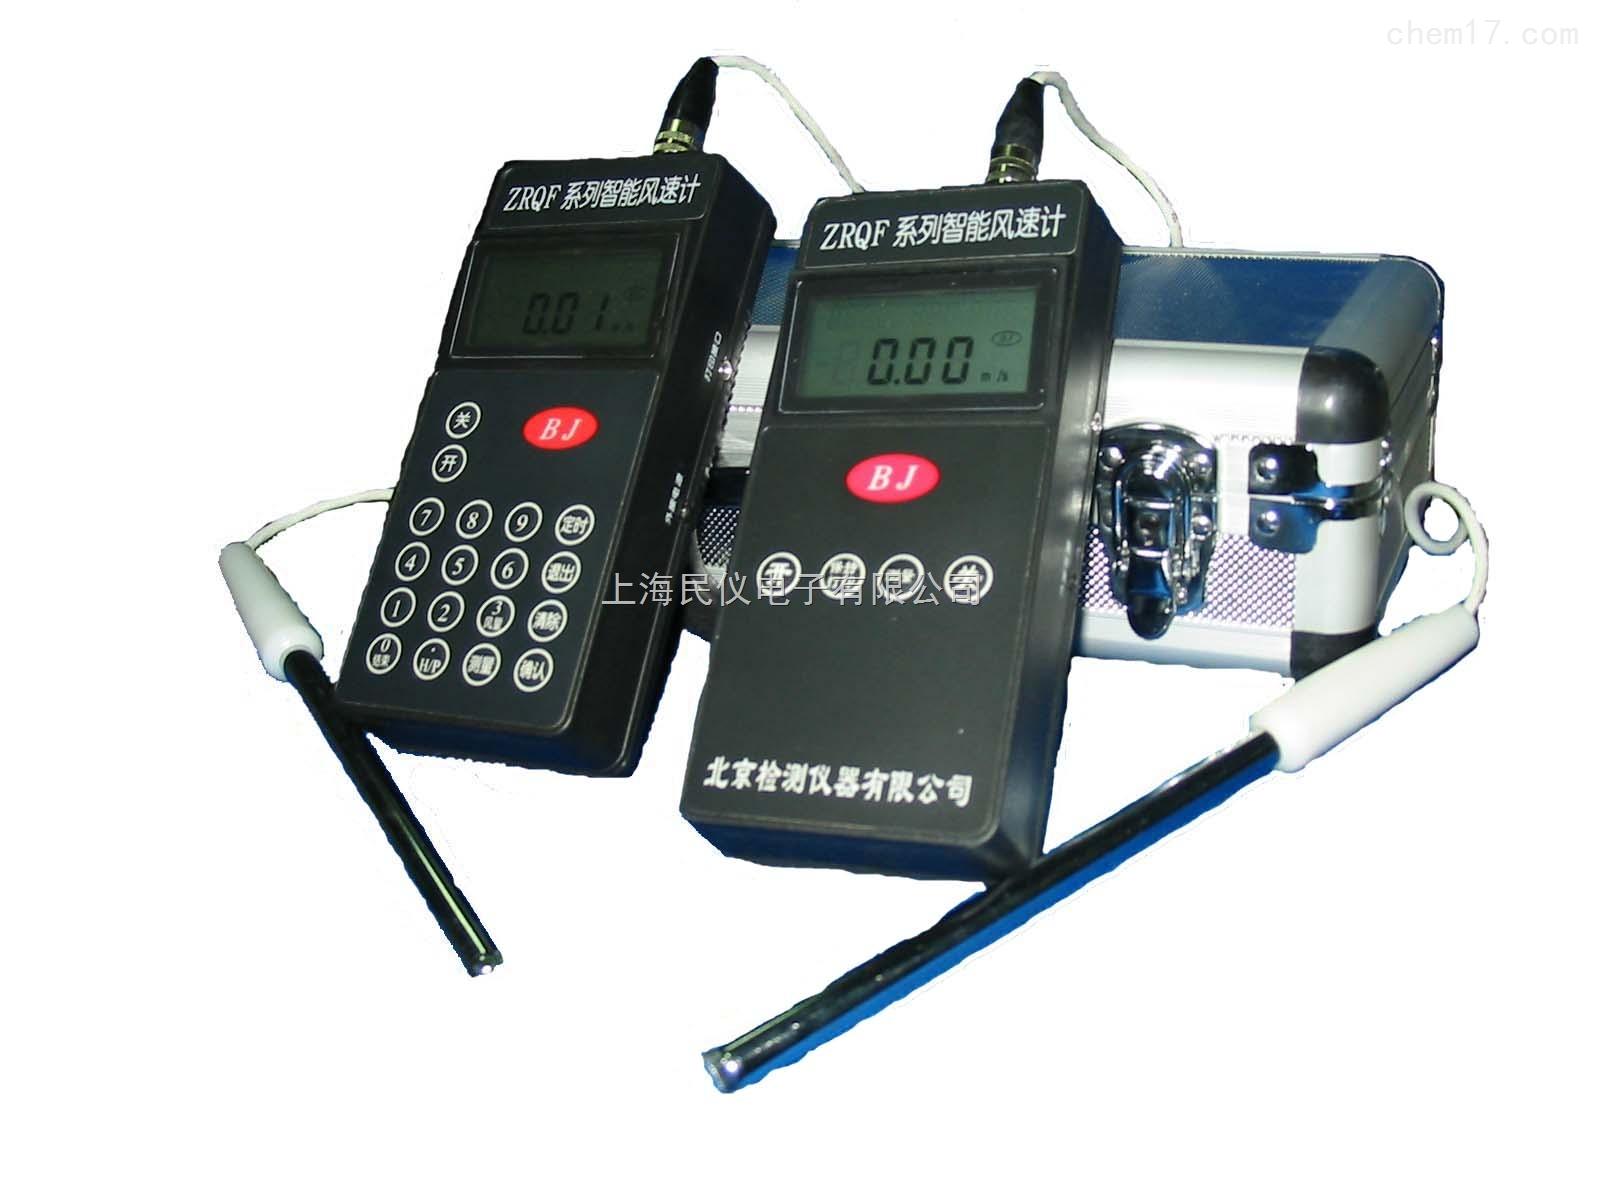 ZRQF-D30J智能热球式风温、风湿、风速计